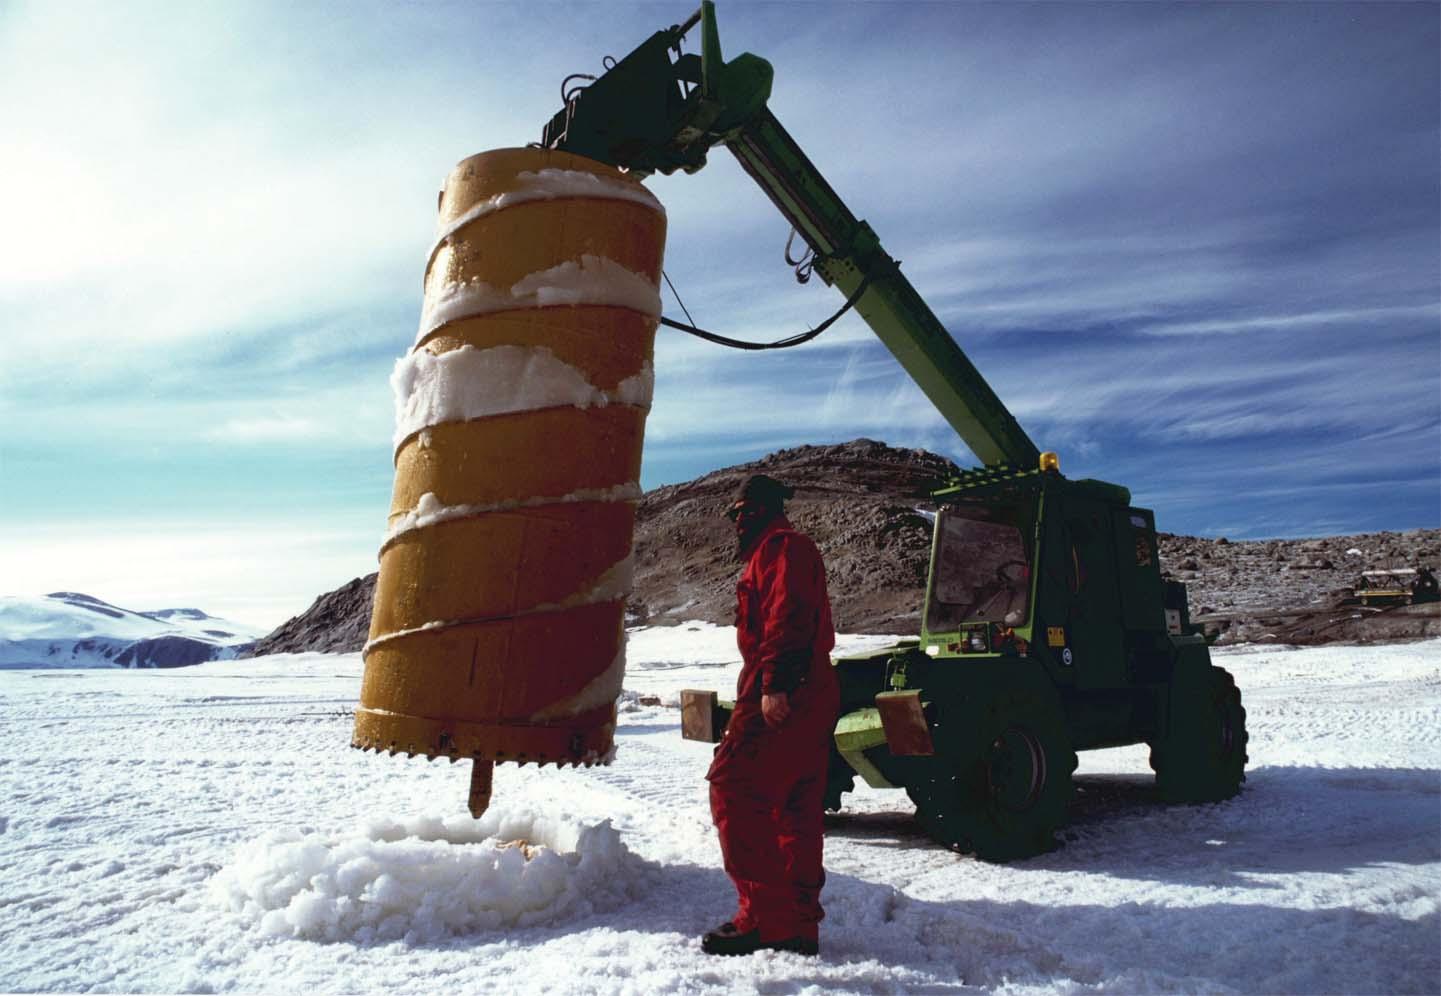 Al freddo e al gelo il Gruppo Merlo festeggia 30 anni di presenza al Polo Sud